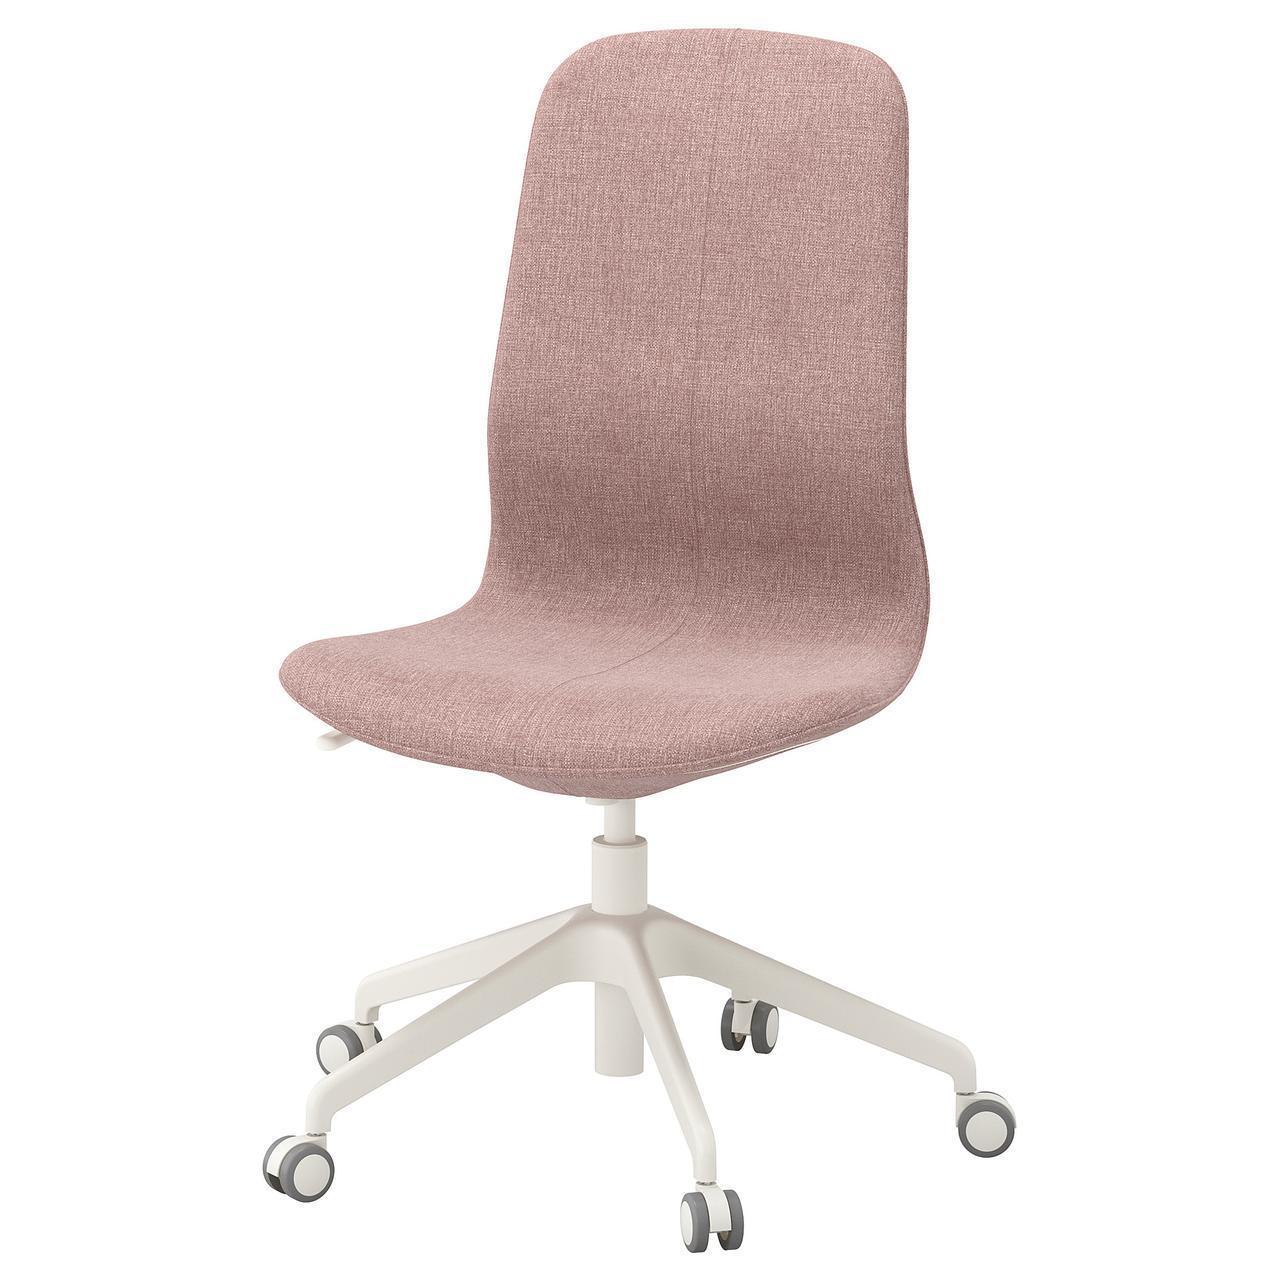 Компьютерное кресло IKEA LÅNGFJÄLL Gunnared светло-розовое белое 992.525.41